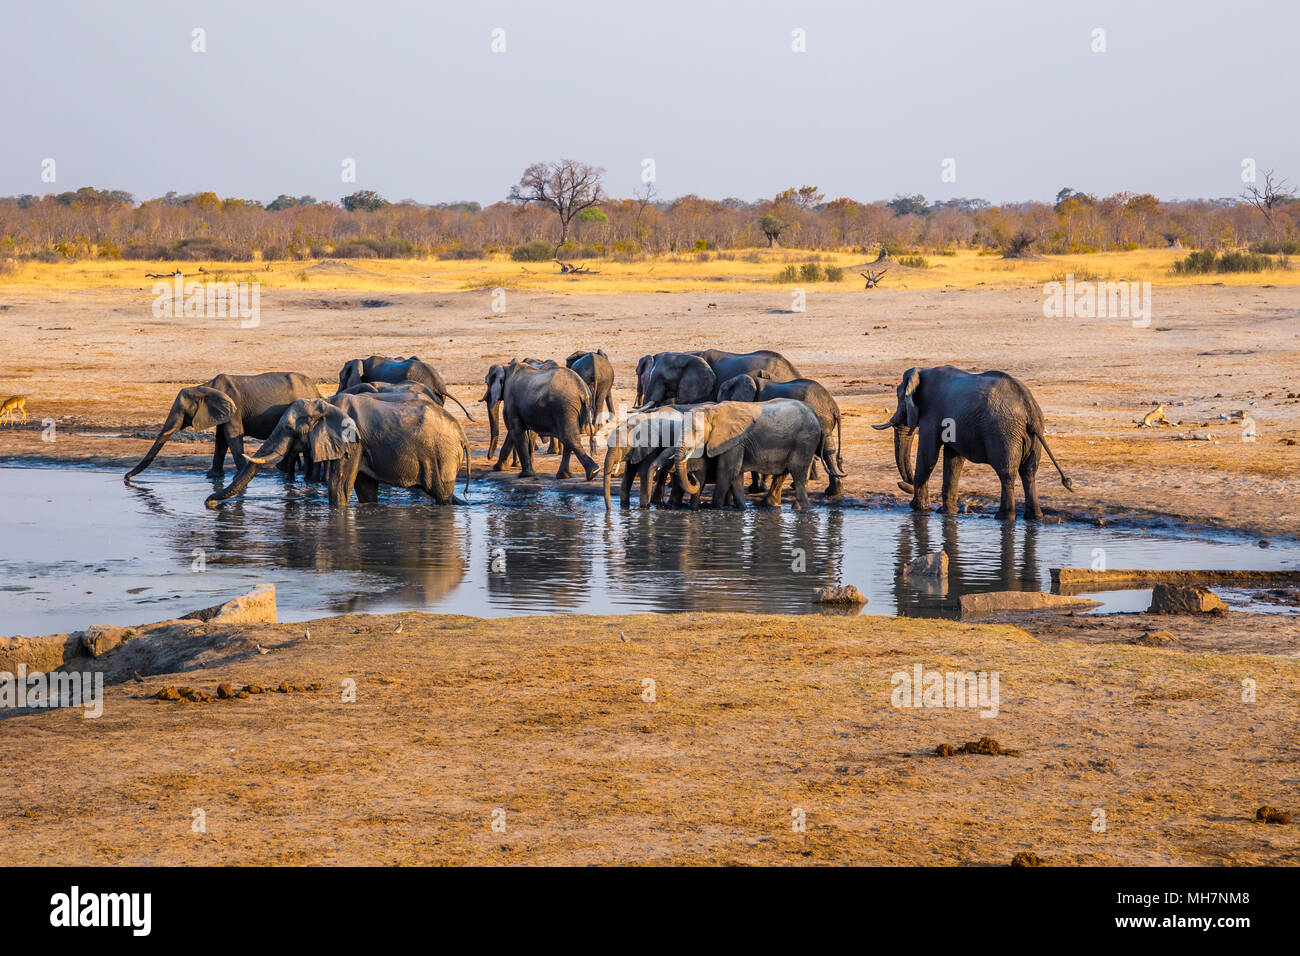 Los elefantes se reúnen por uno de los restantes pozos de agua durante una sequía en el Parque Nacional de Hwange (Zimbabwe). El 9 de septiembre. 2016. Imagen De Stock